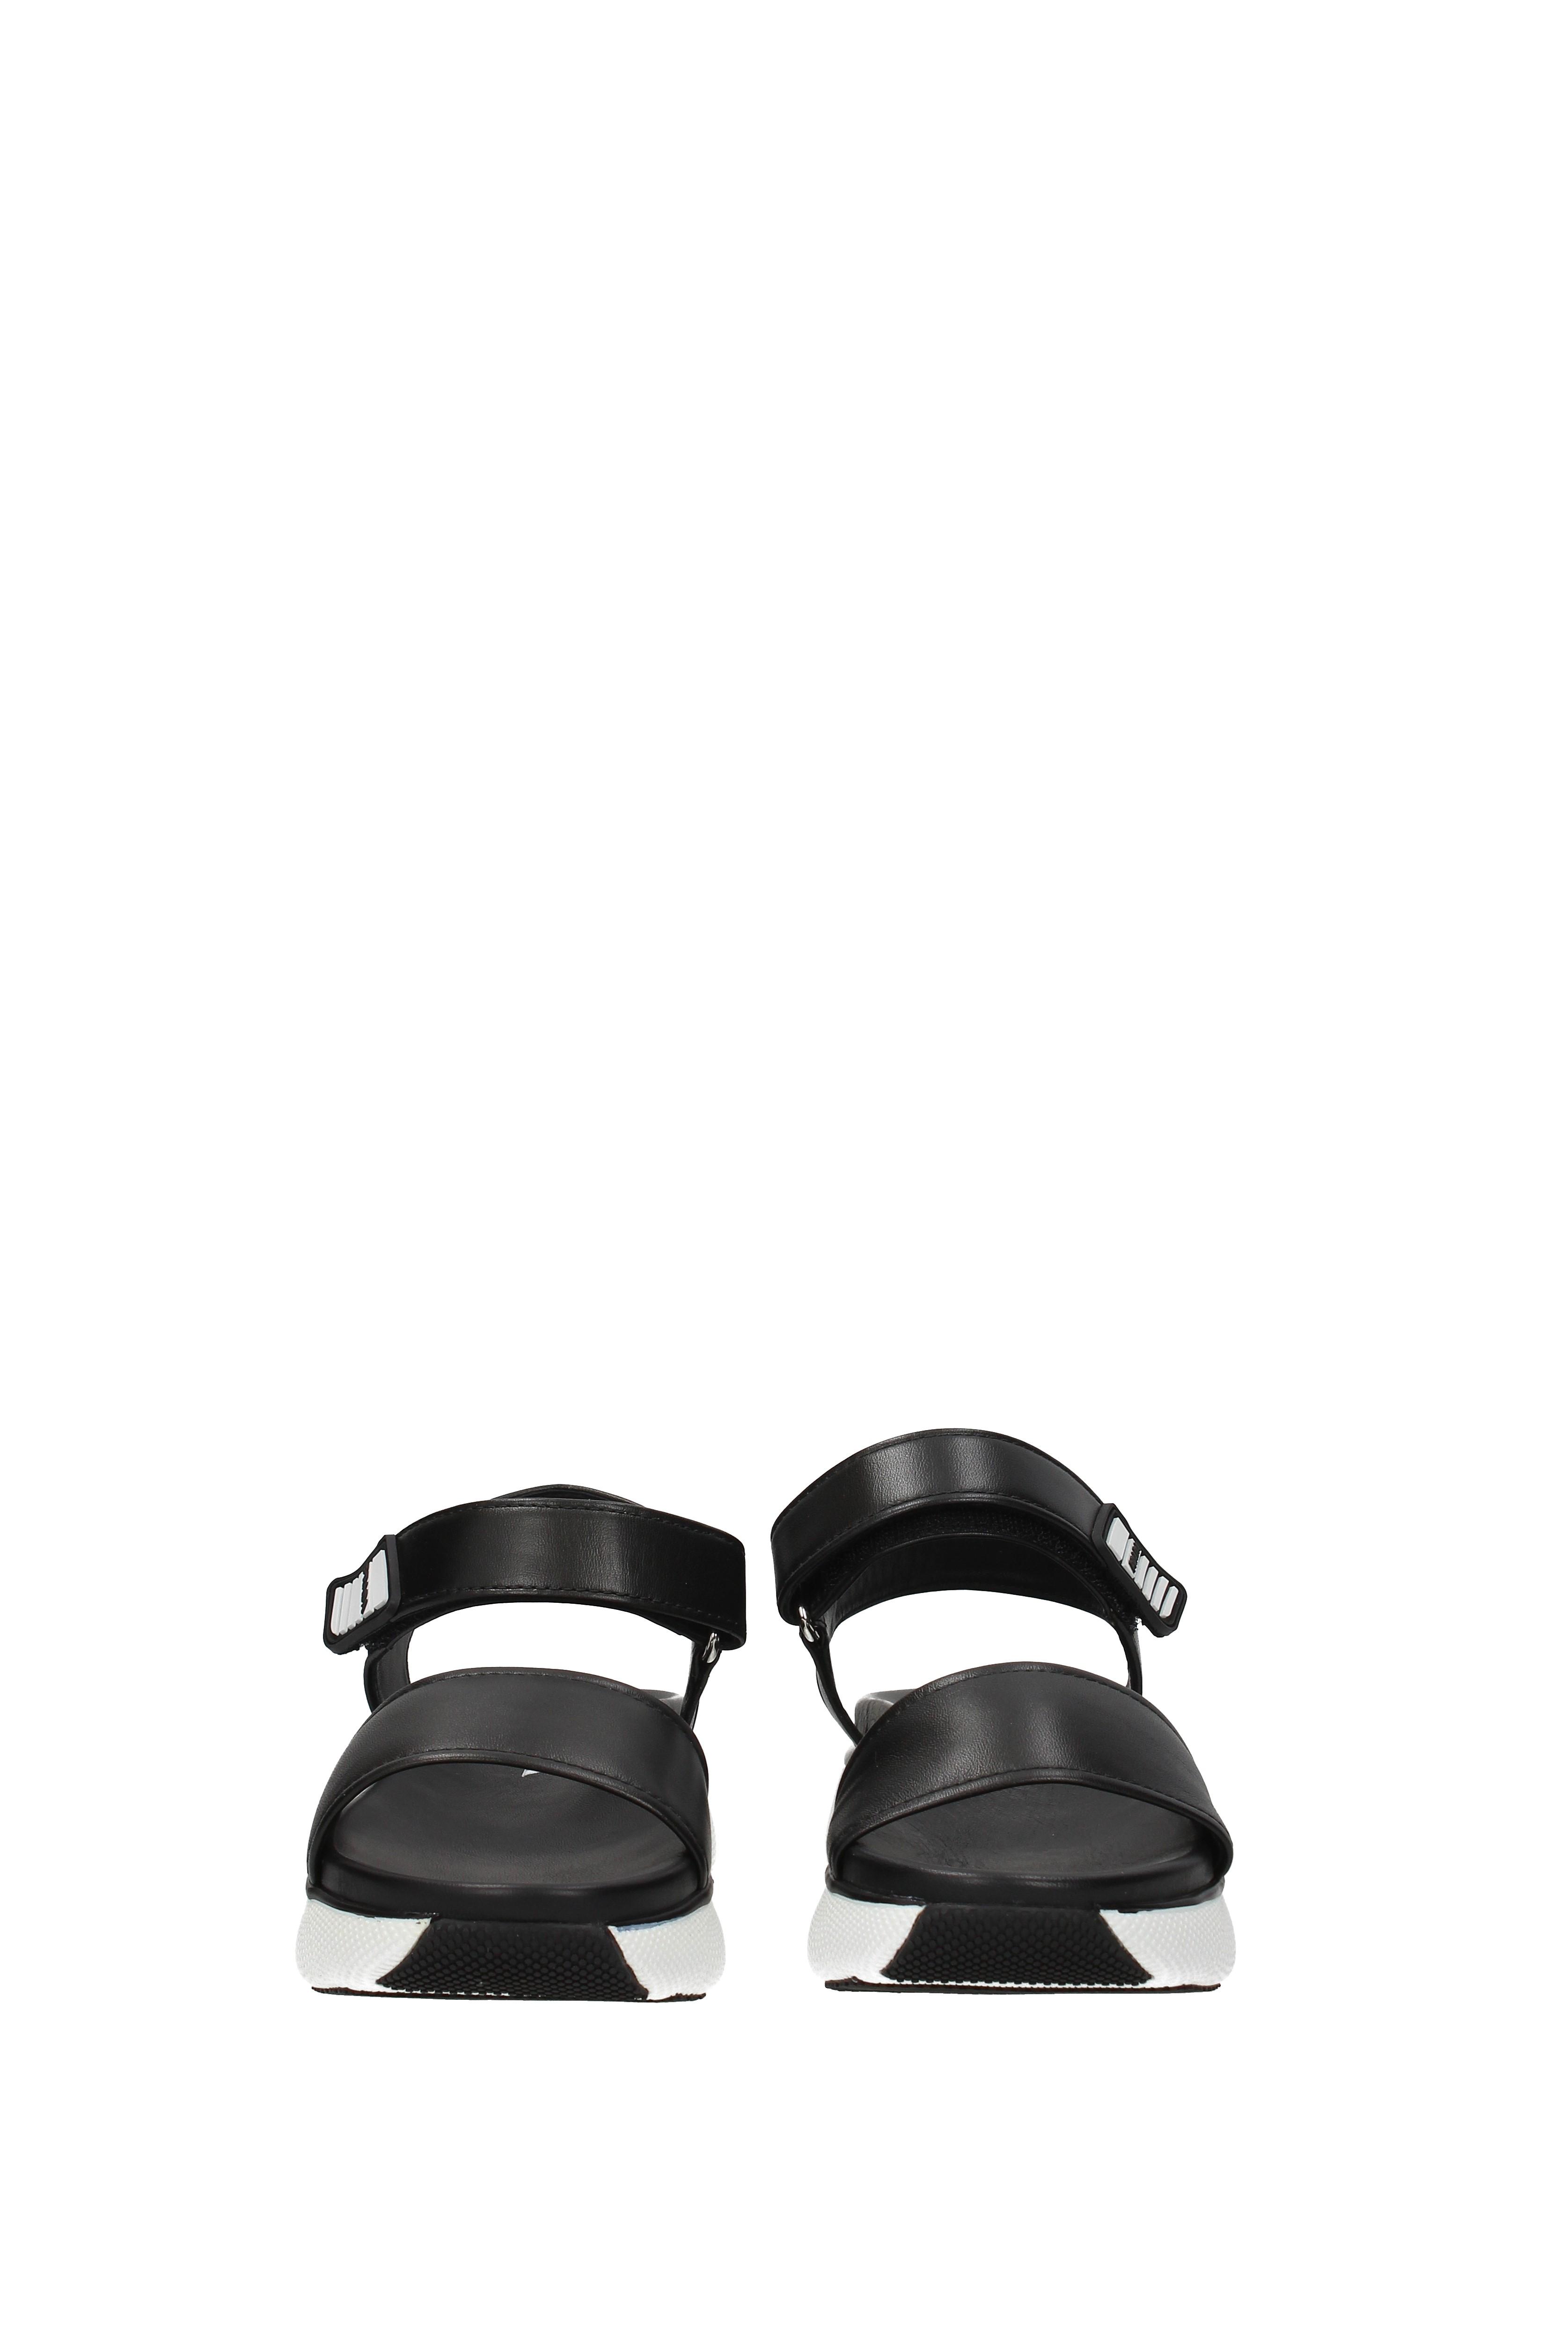 Sandales Prada Femmes-CUIR Femmes-CUIR Femmes-CUIR (1 x 357 ivitellosoft 7) c141e4